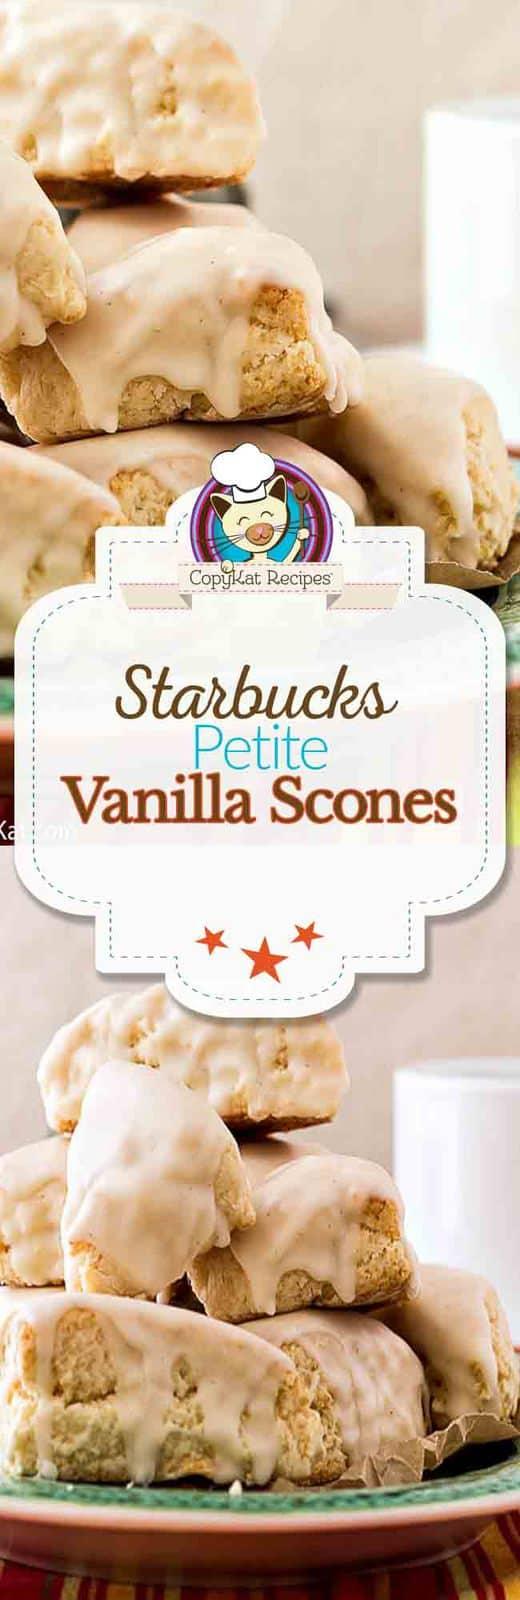 Make this copycat recipe for Starbucks Petite Vanilla Scones.  This copycat recipe just  like the original.